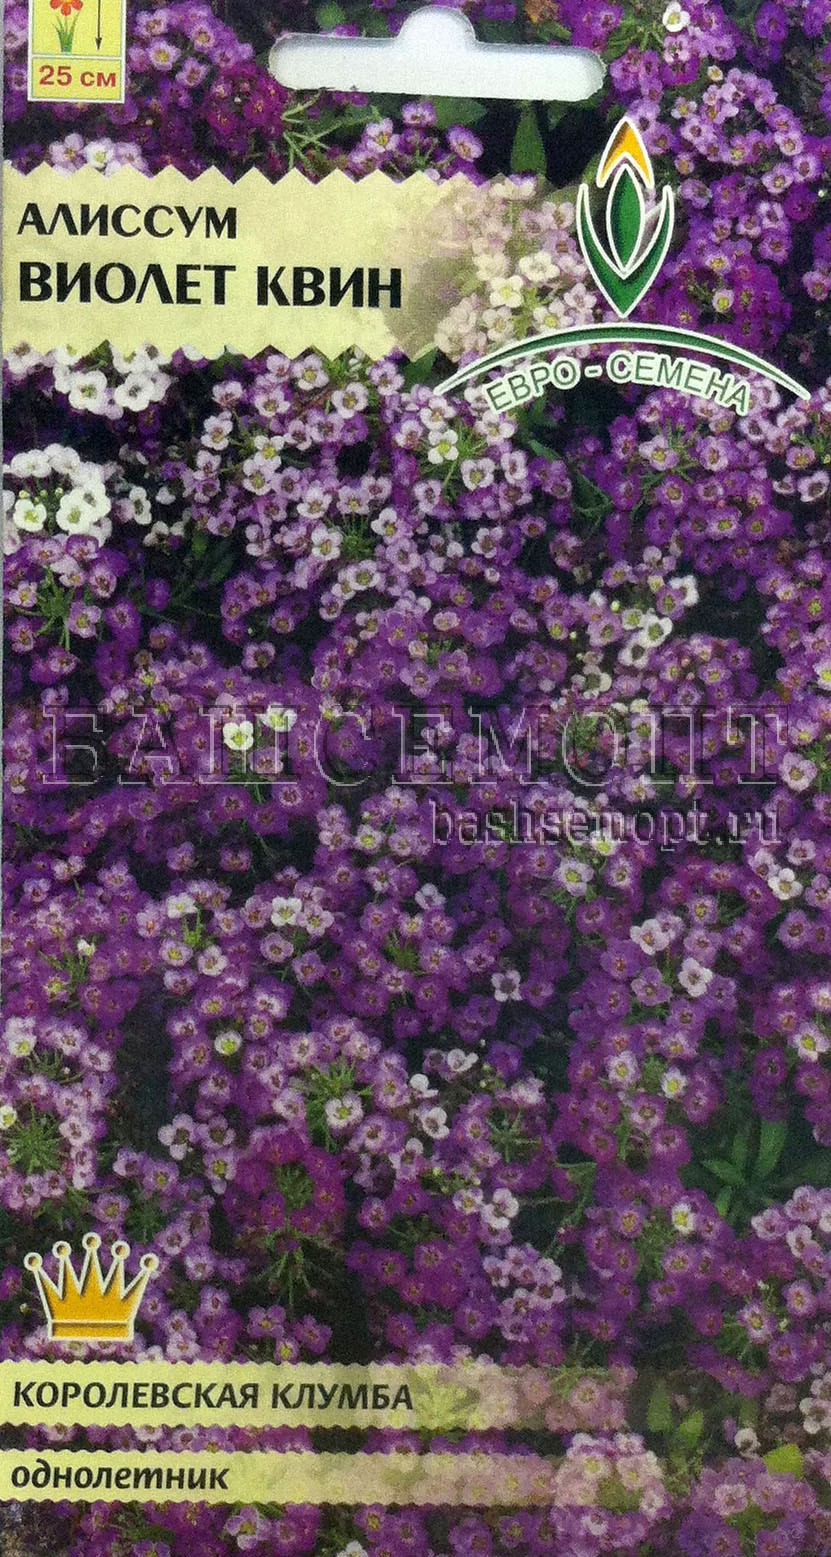 Цветы алиссум посадка и уход фото